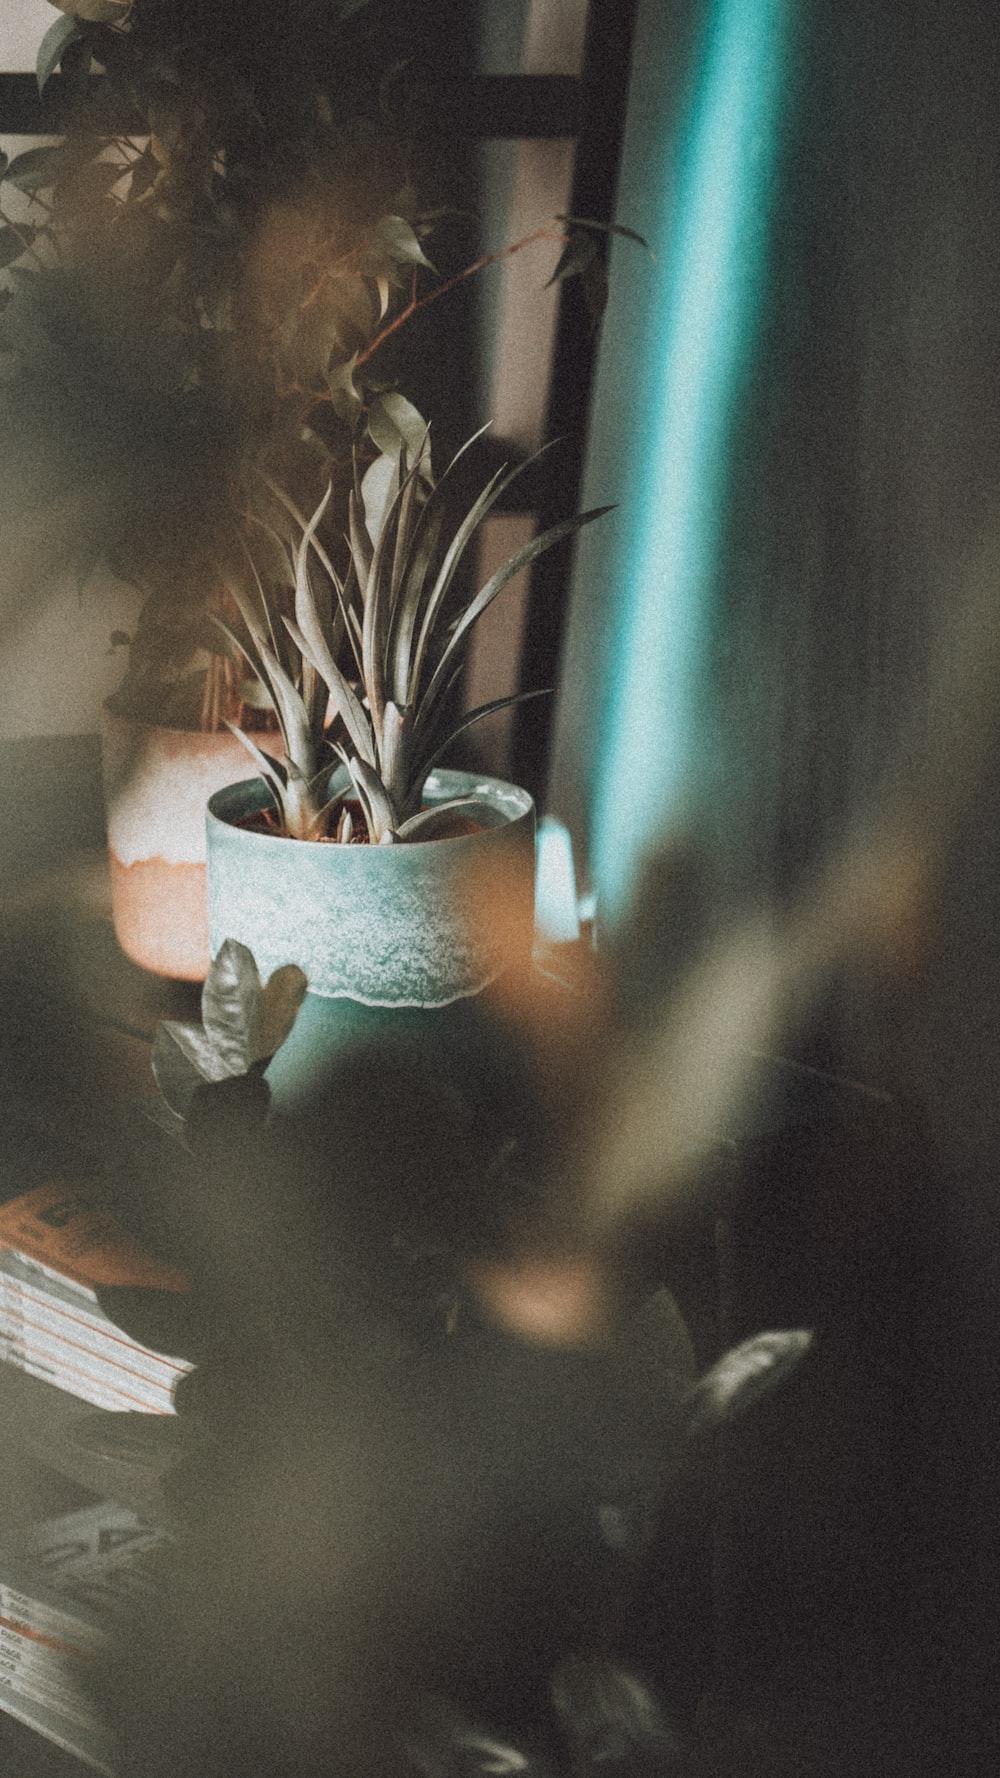 green snake plant in white ceramic pot